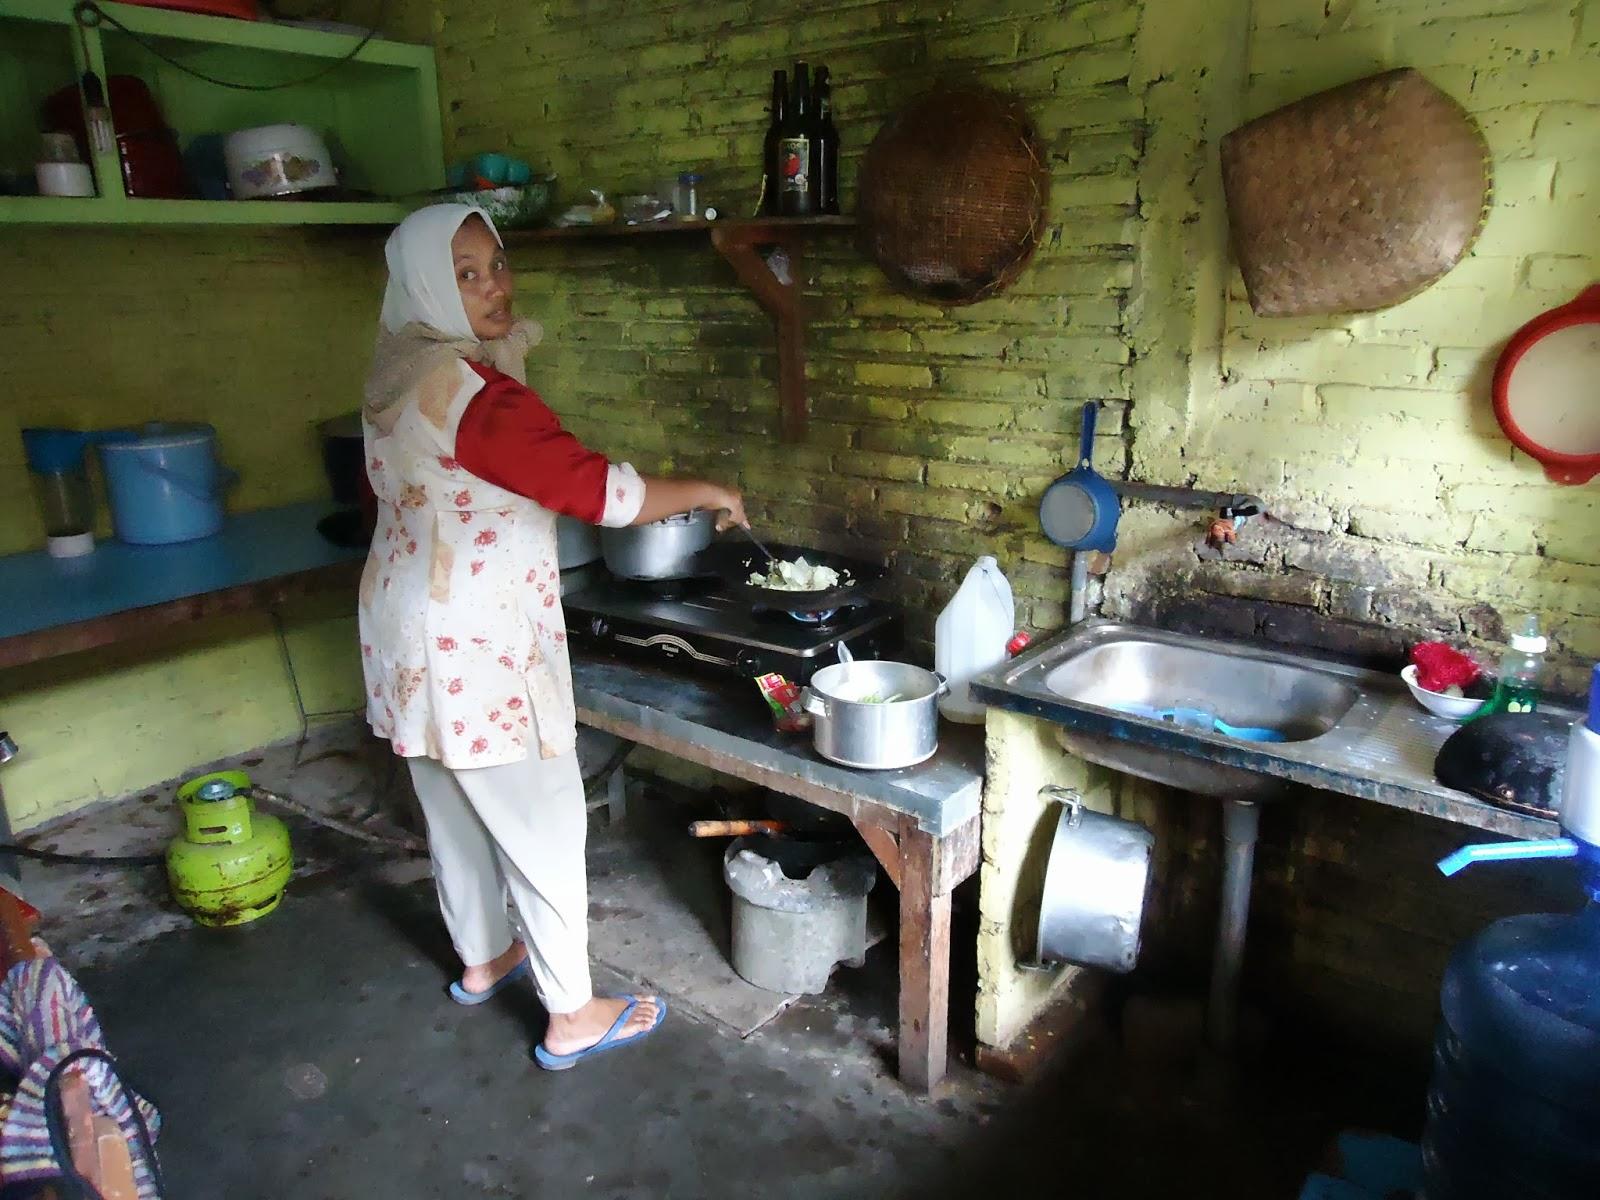 Dapur Umum Ini Lola Oleh Ibu Lilik Beliau Warga Kaloran Kec Ngronggot Yang Sejak Tahun 90 An Telah Bekerja Di Lingkungan Pondok Pesantren Darush